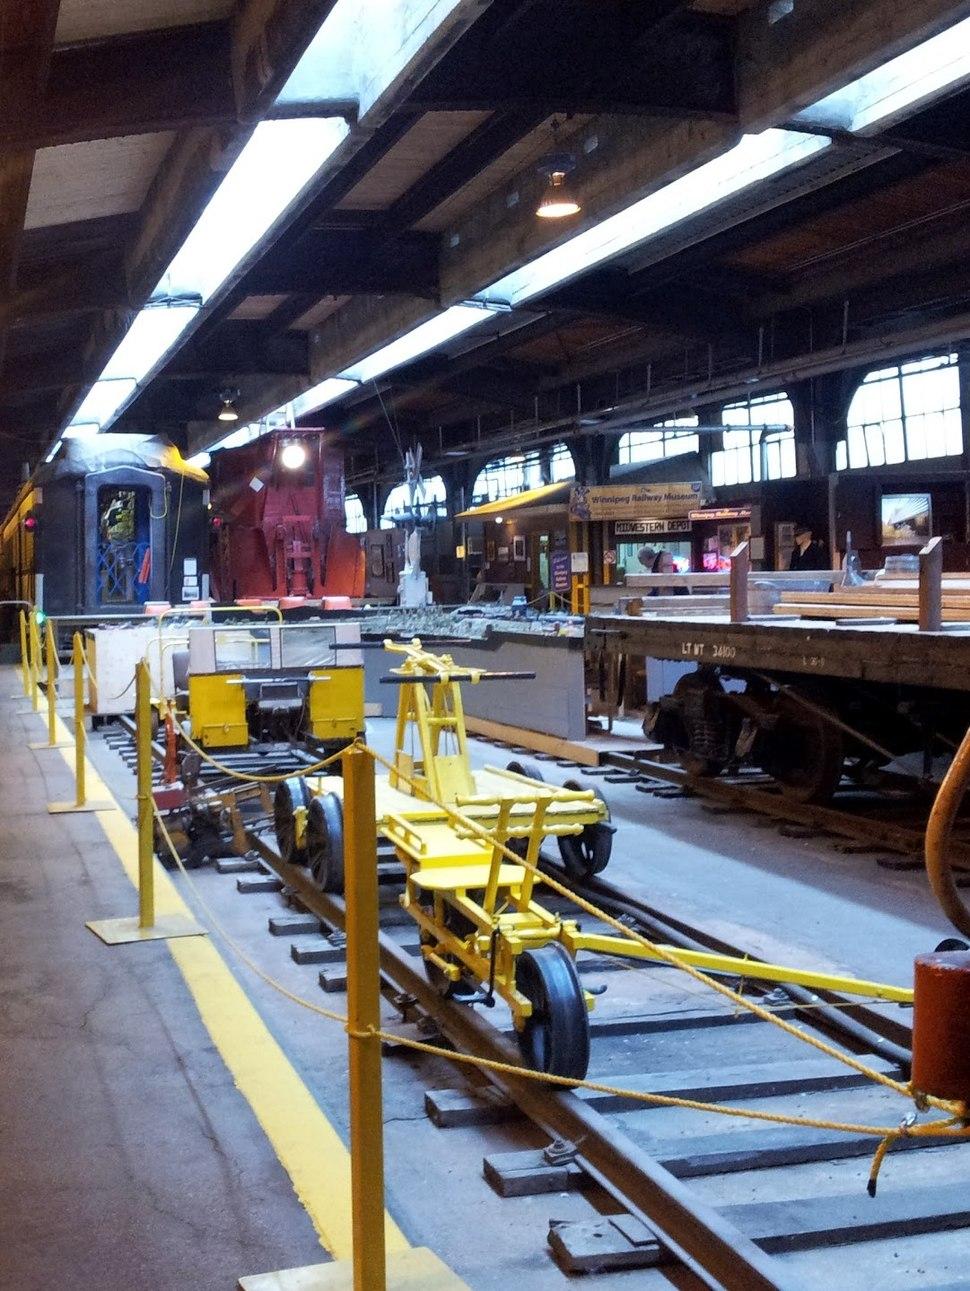 Railway equipment at Winnipeg Railway Museum